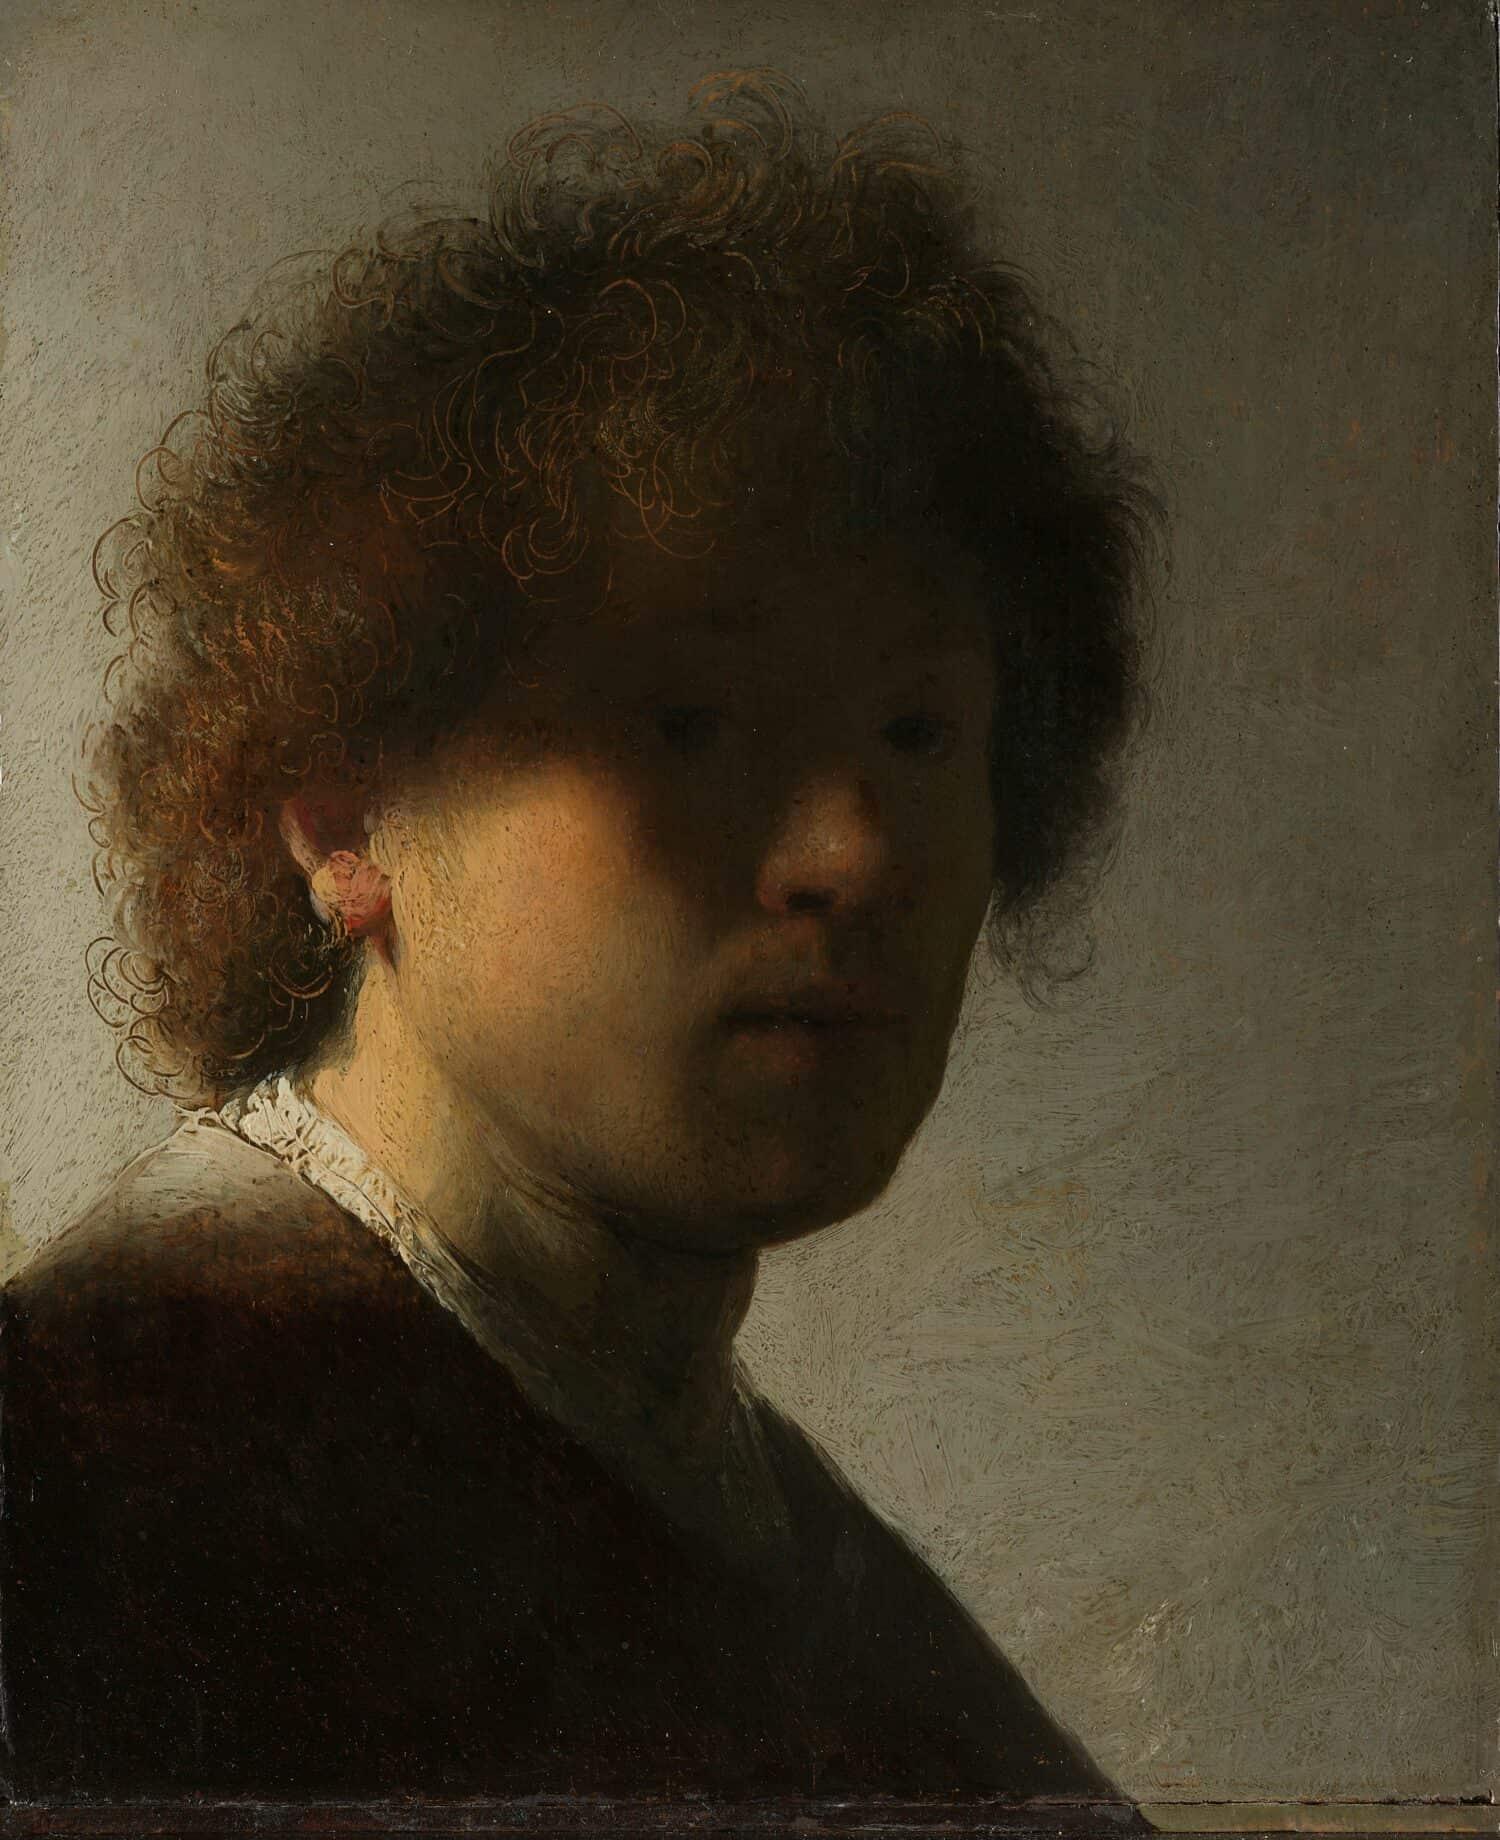 Rembrandt van Rijn - Zelfportret circa 1628